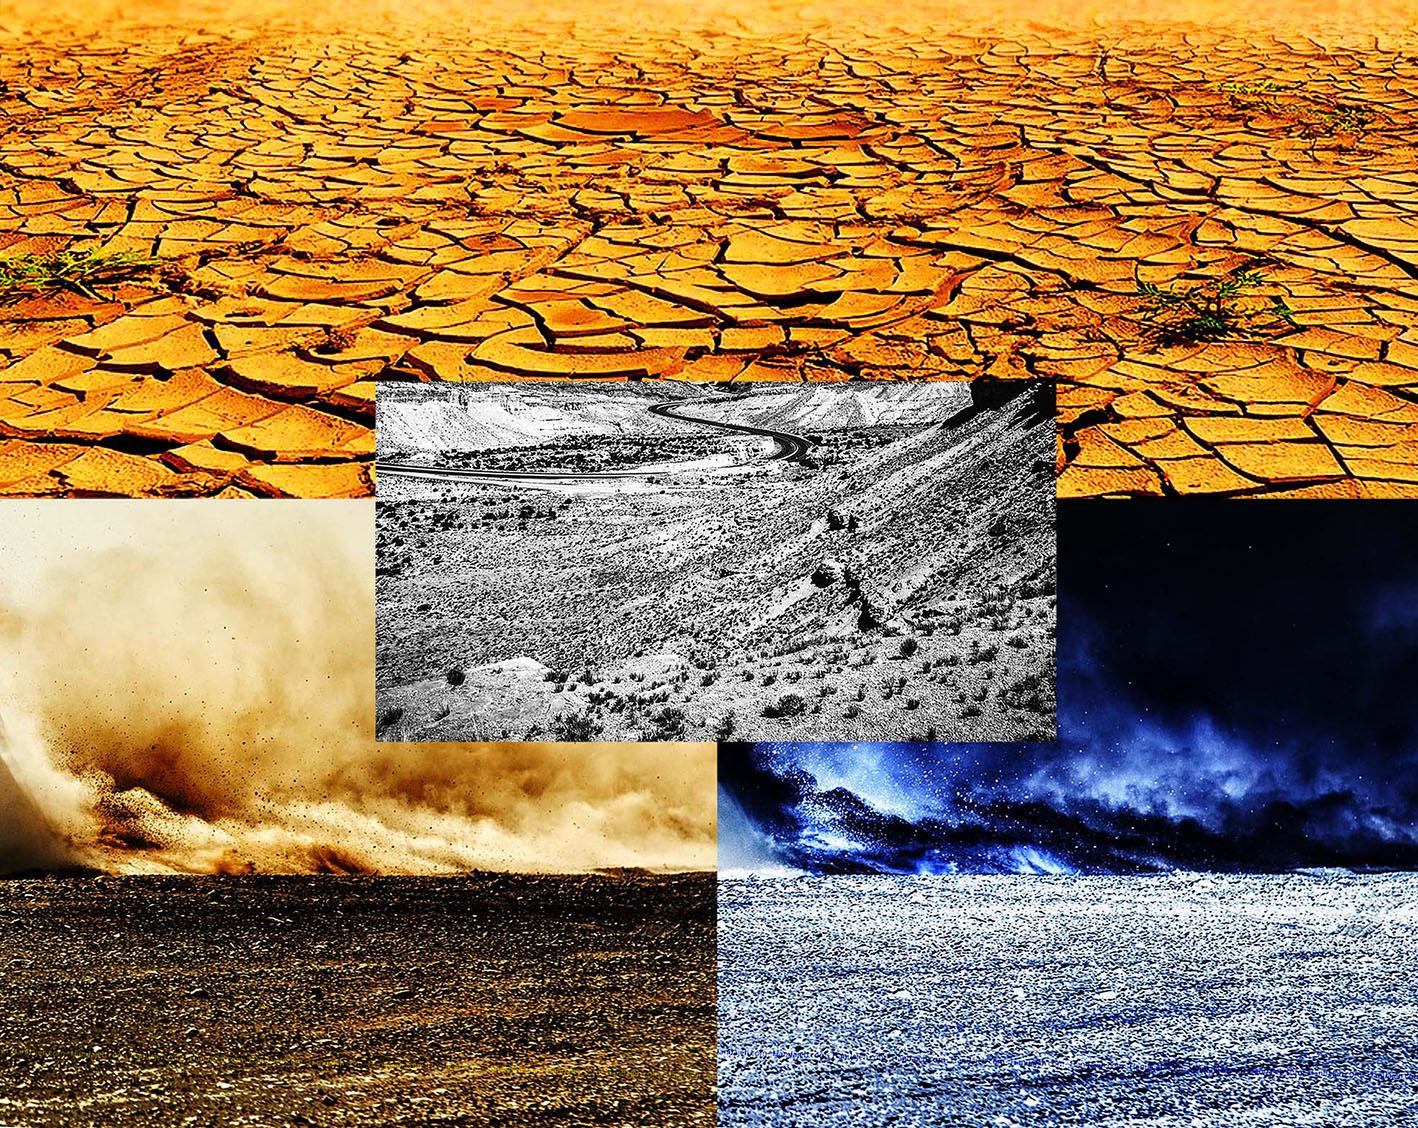 desert_01a1.jpg